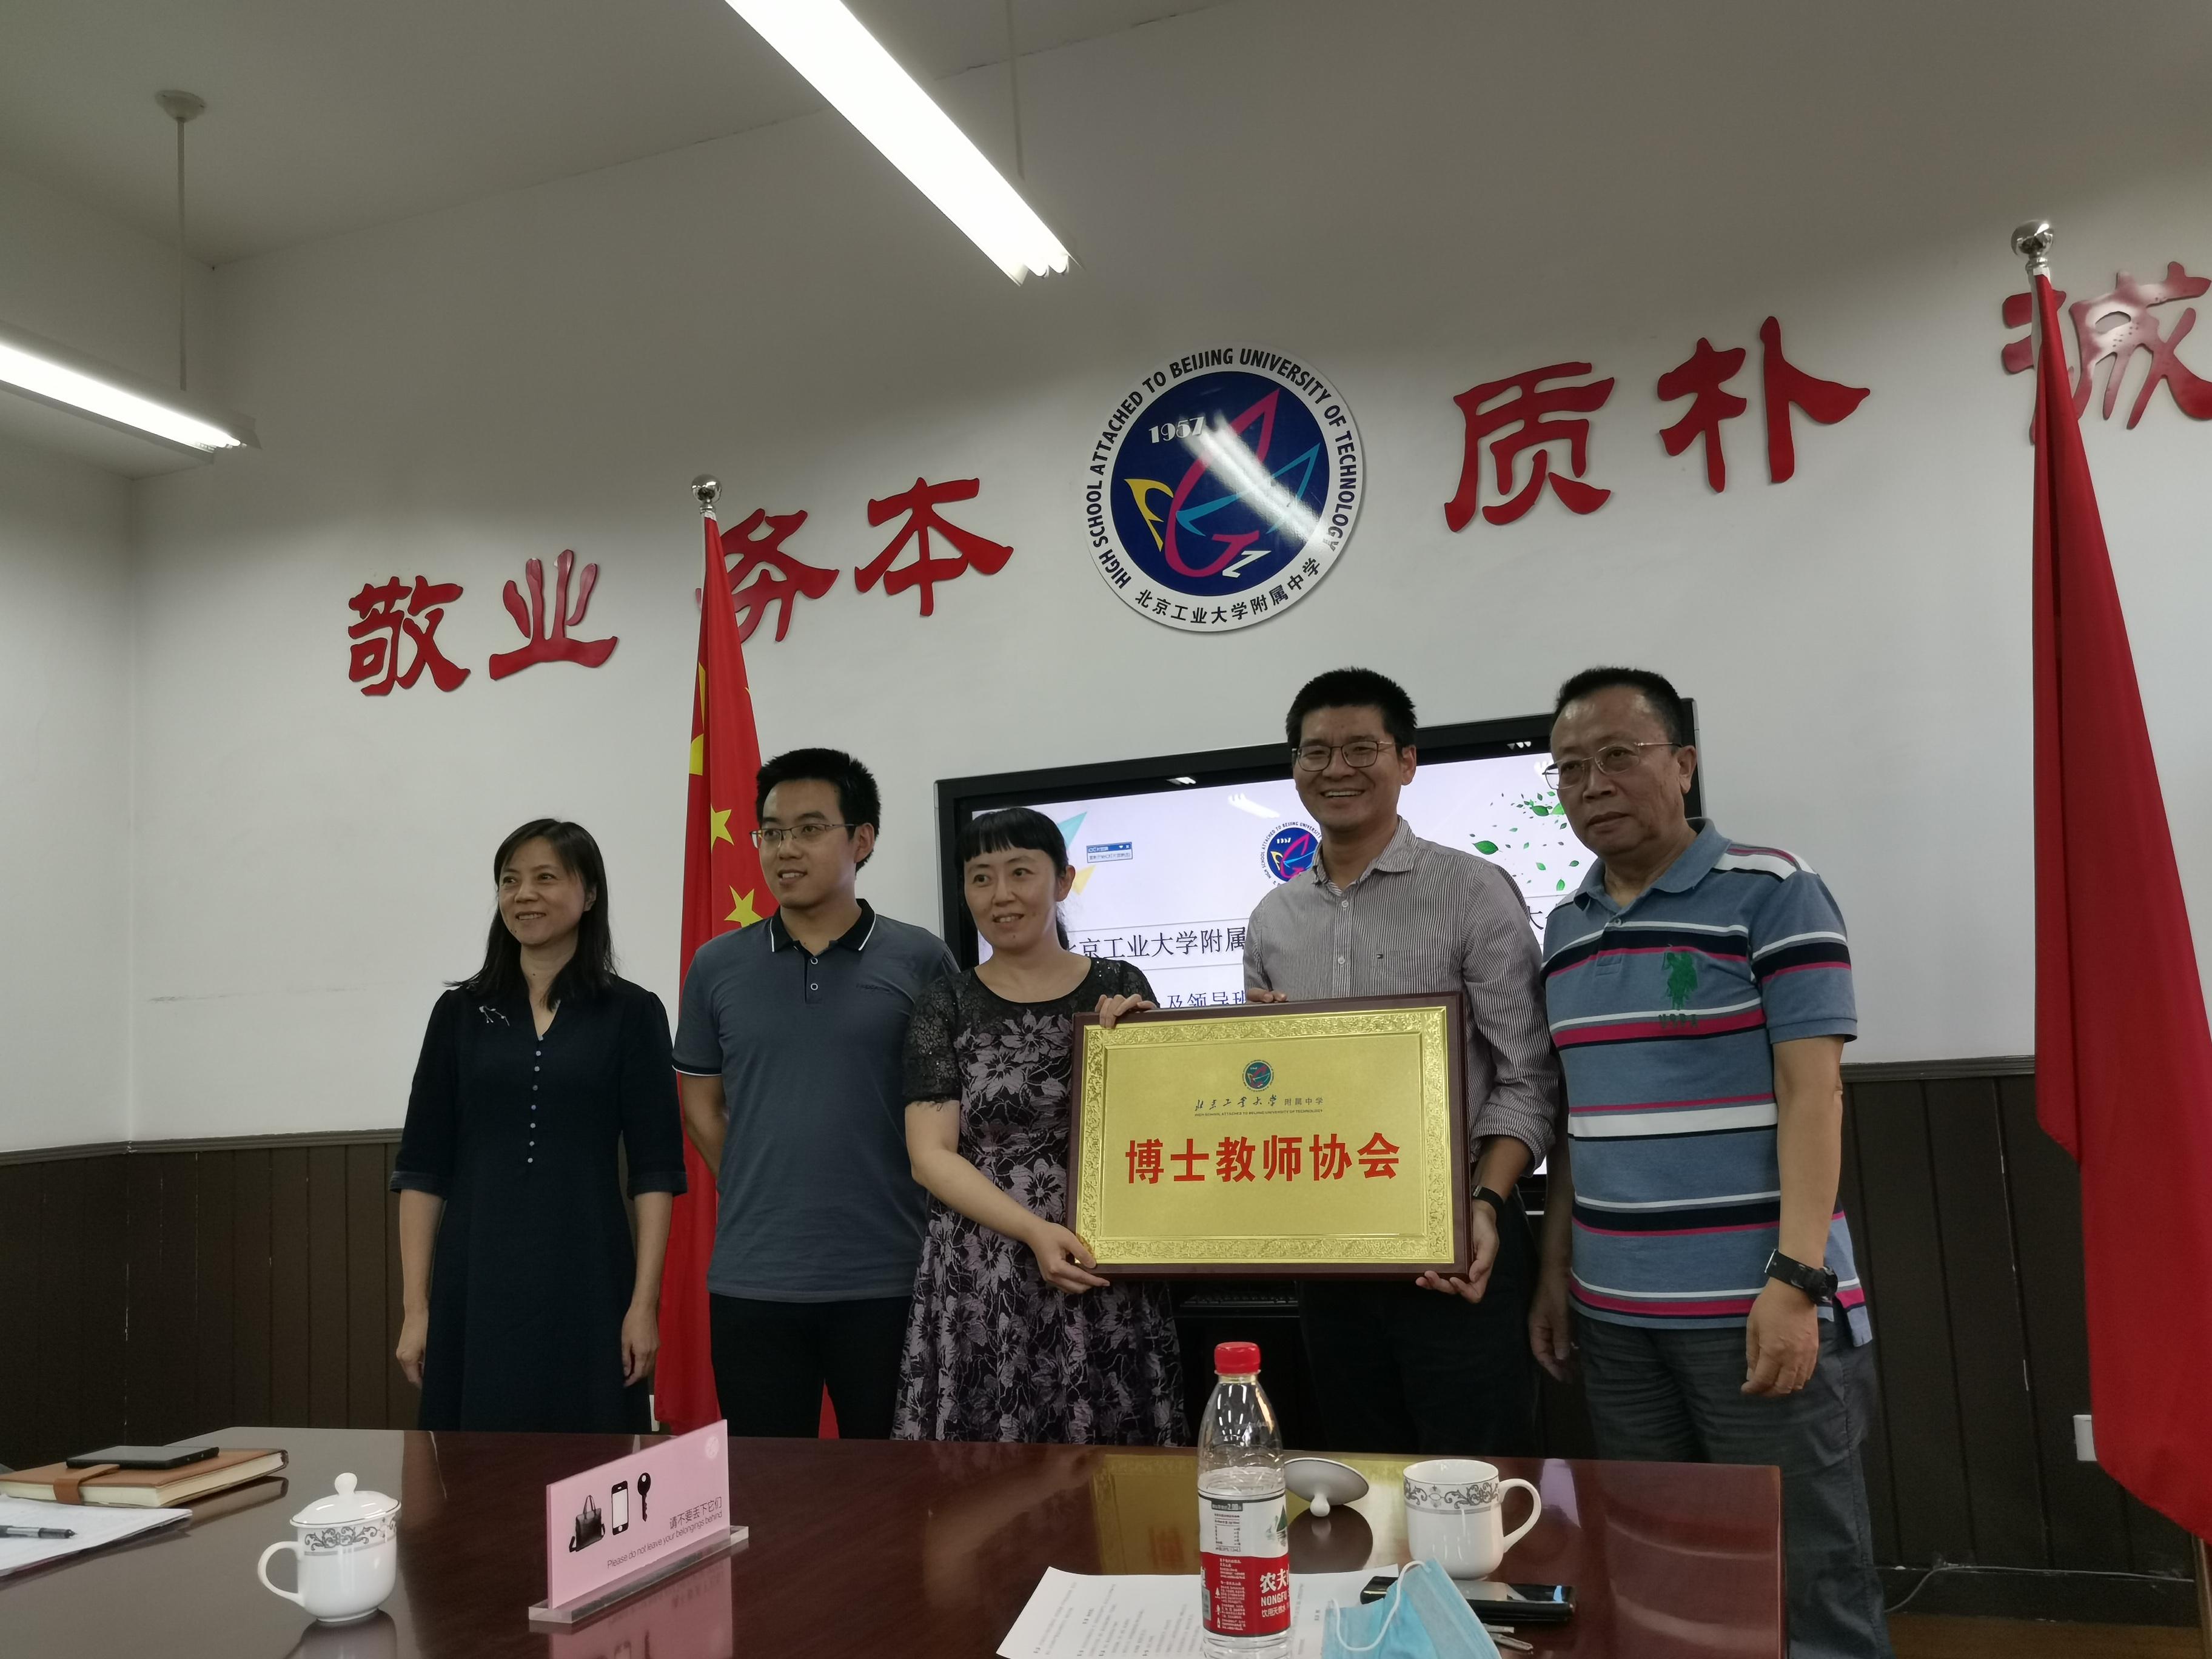 工大附中博士教师协会正式成立